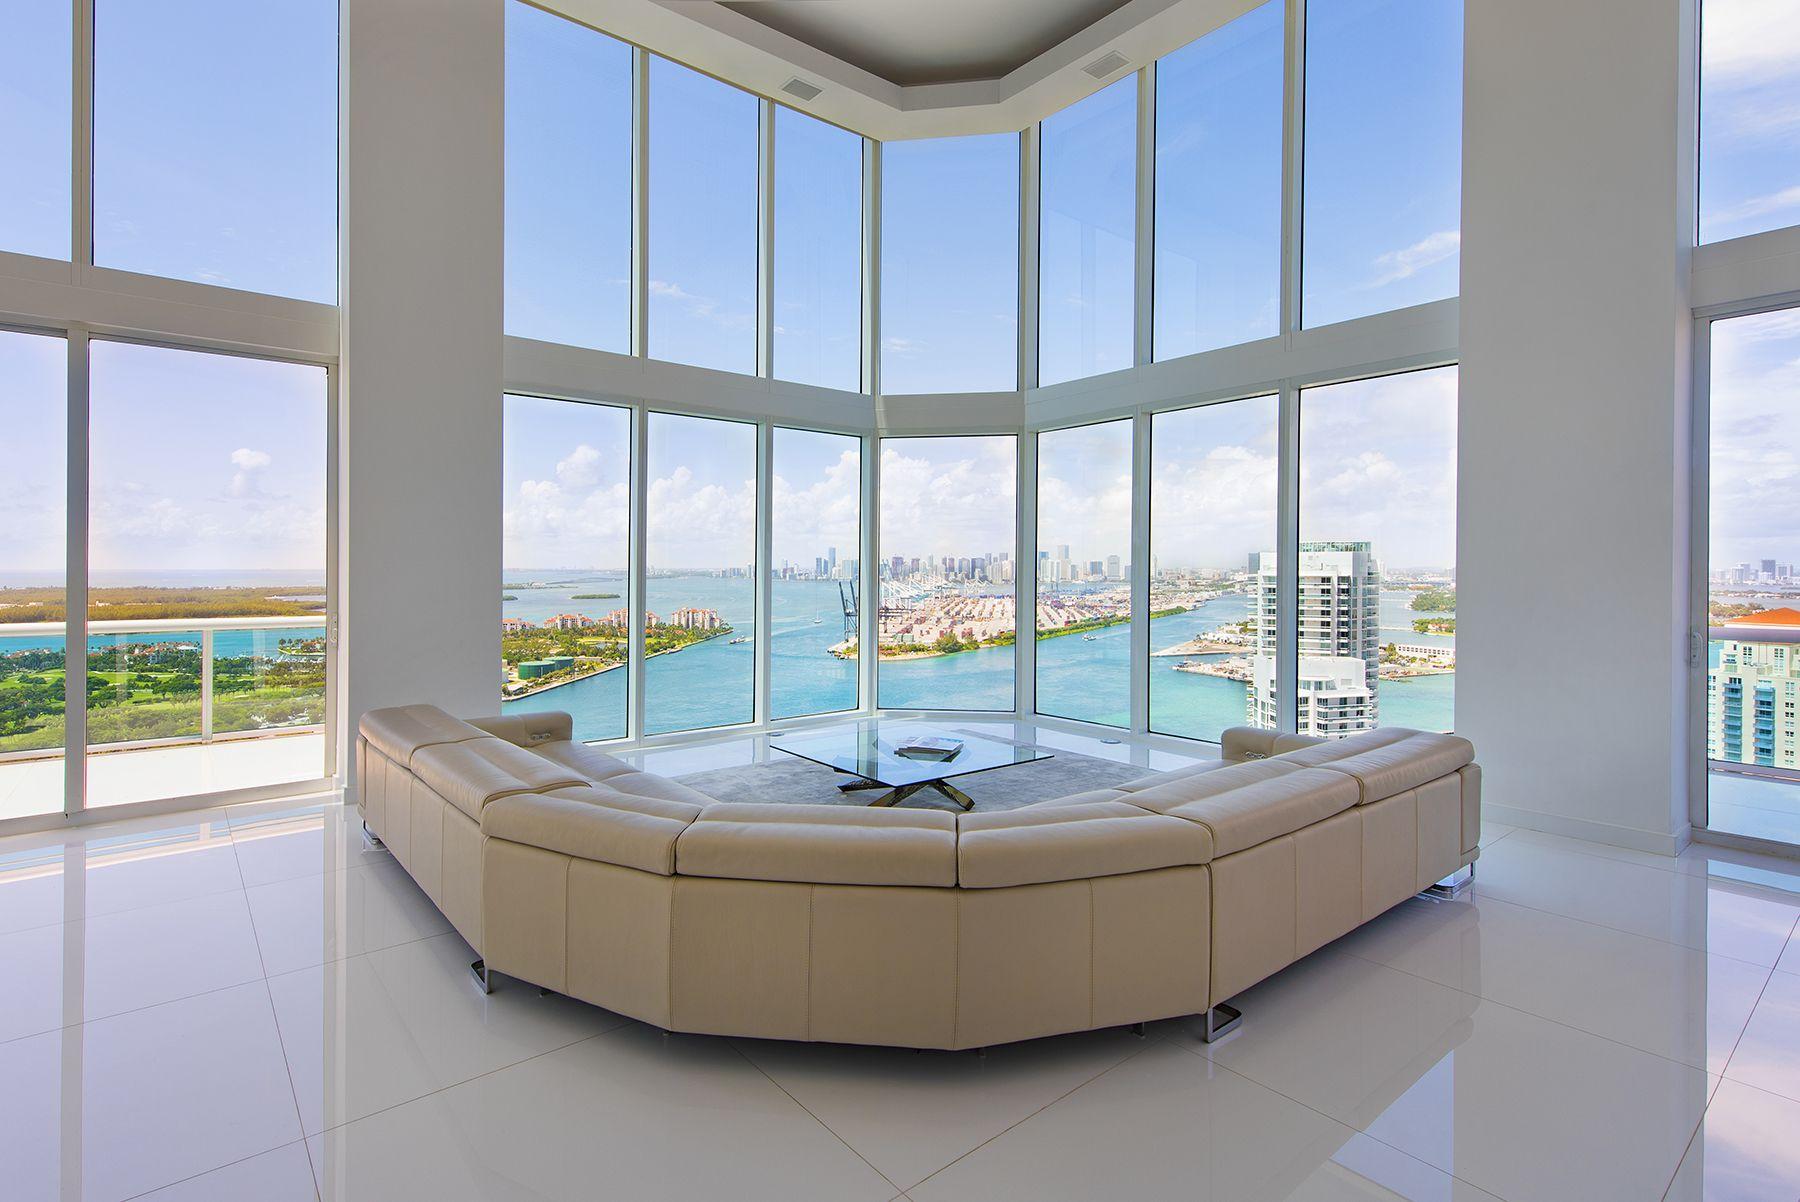 PH4003 Portofino Tower South Pointe Miami Beach Penthouse